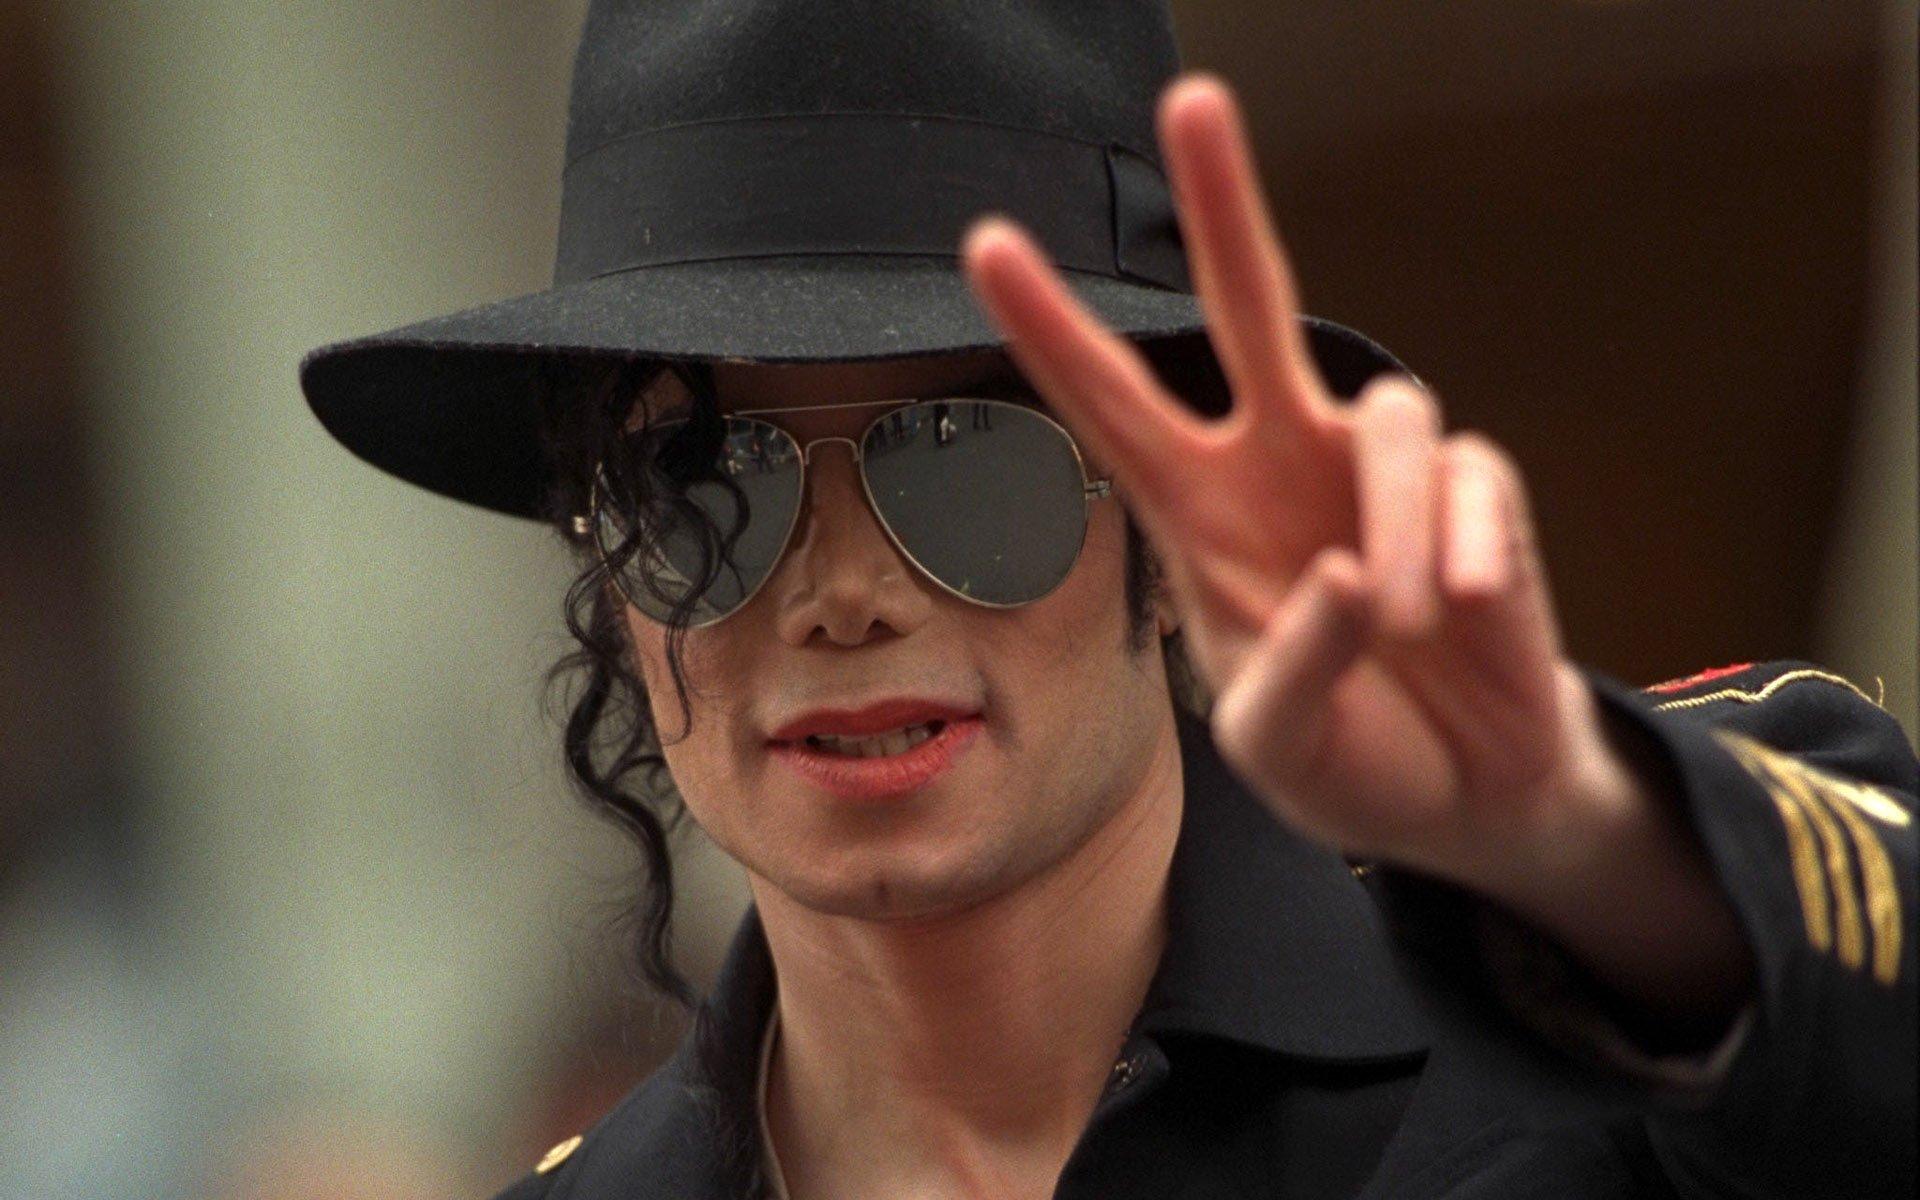 Три песни спосмертного альбома Майкла Джексона признаны фальшивками